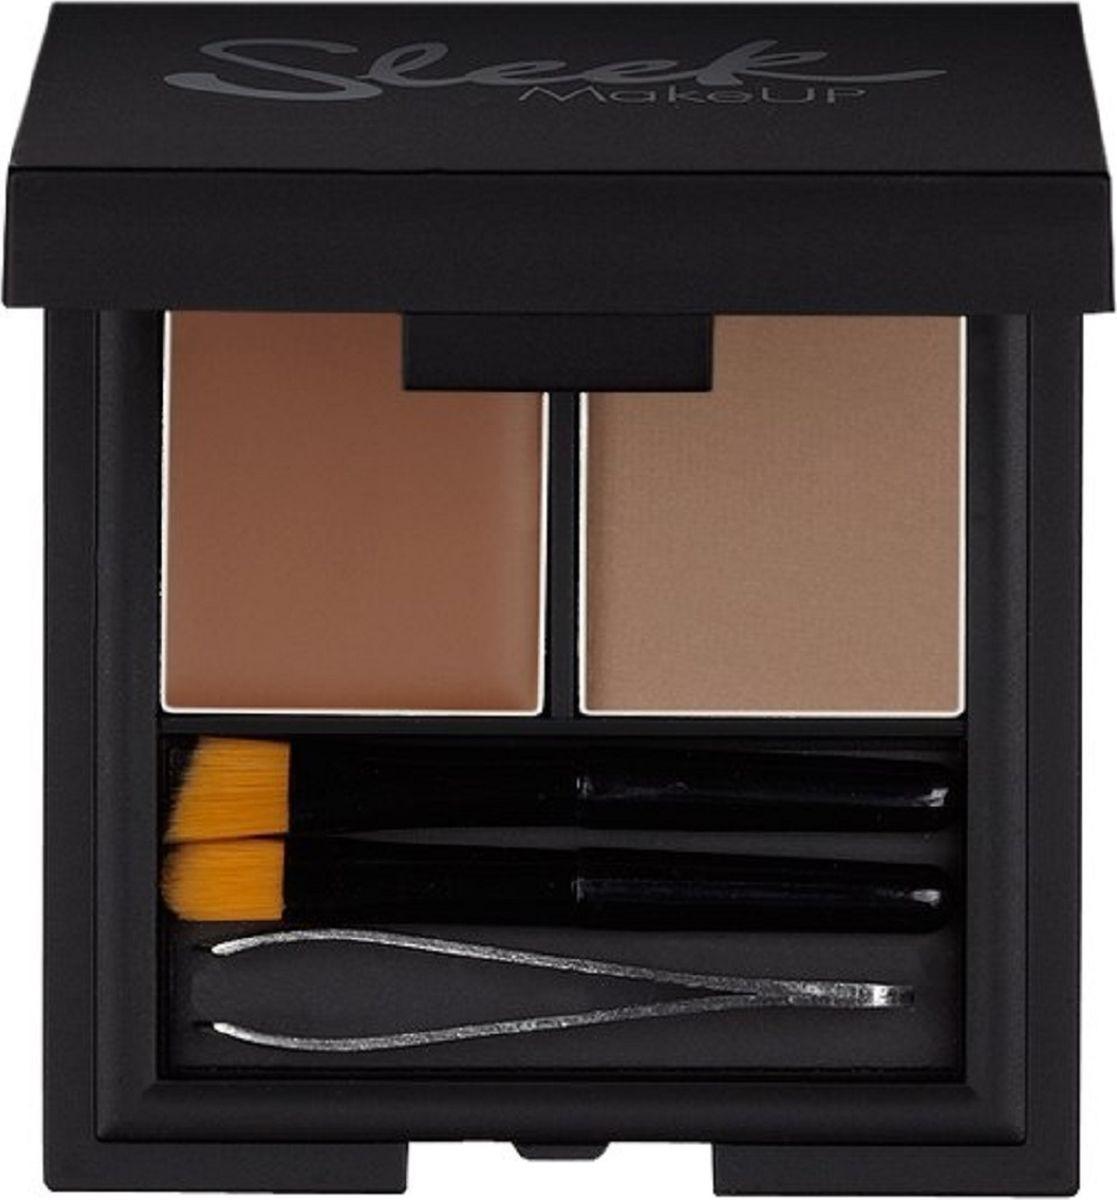 Набор для бровей Sleek MakeUP Brow kit Воск моделирующий и пудра для бровей Light 817, 59 г sleek makeup brow kit цвет light variant hex name 986d5c